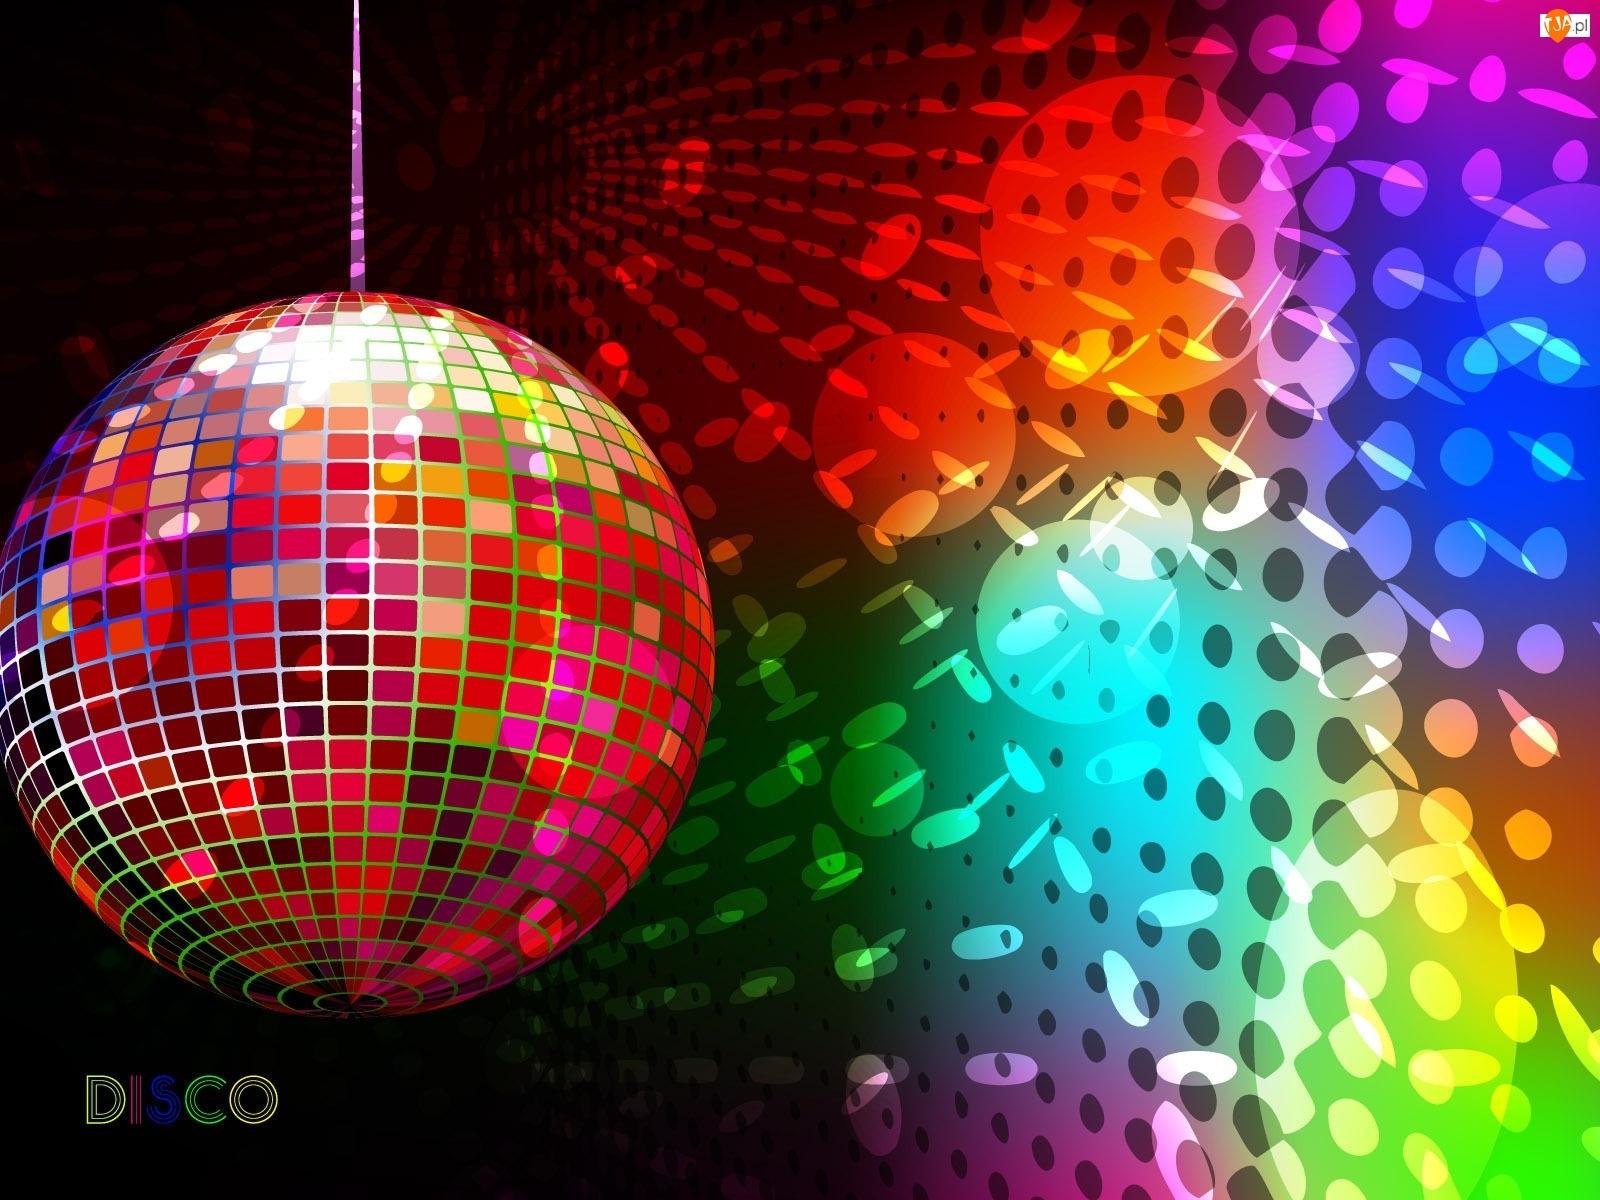 Disco, Blask, Kula, Oświetlenie